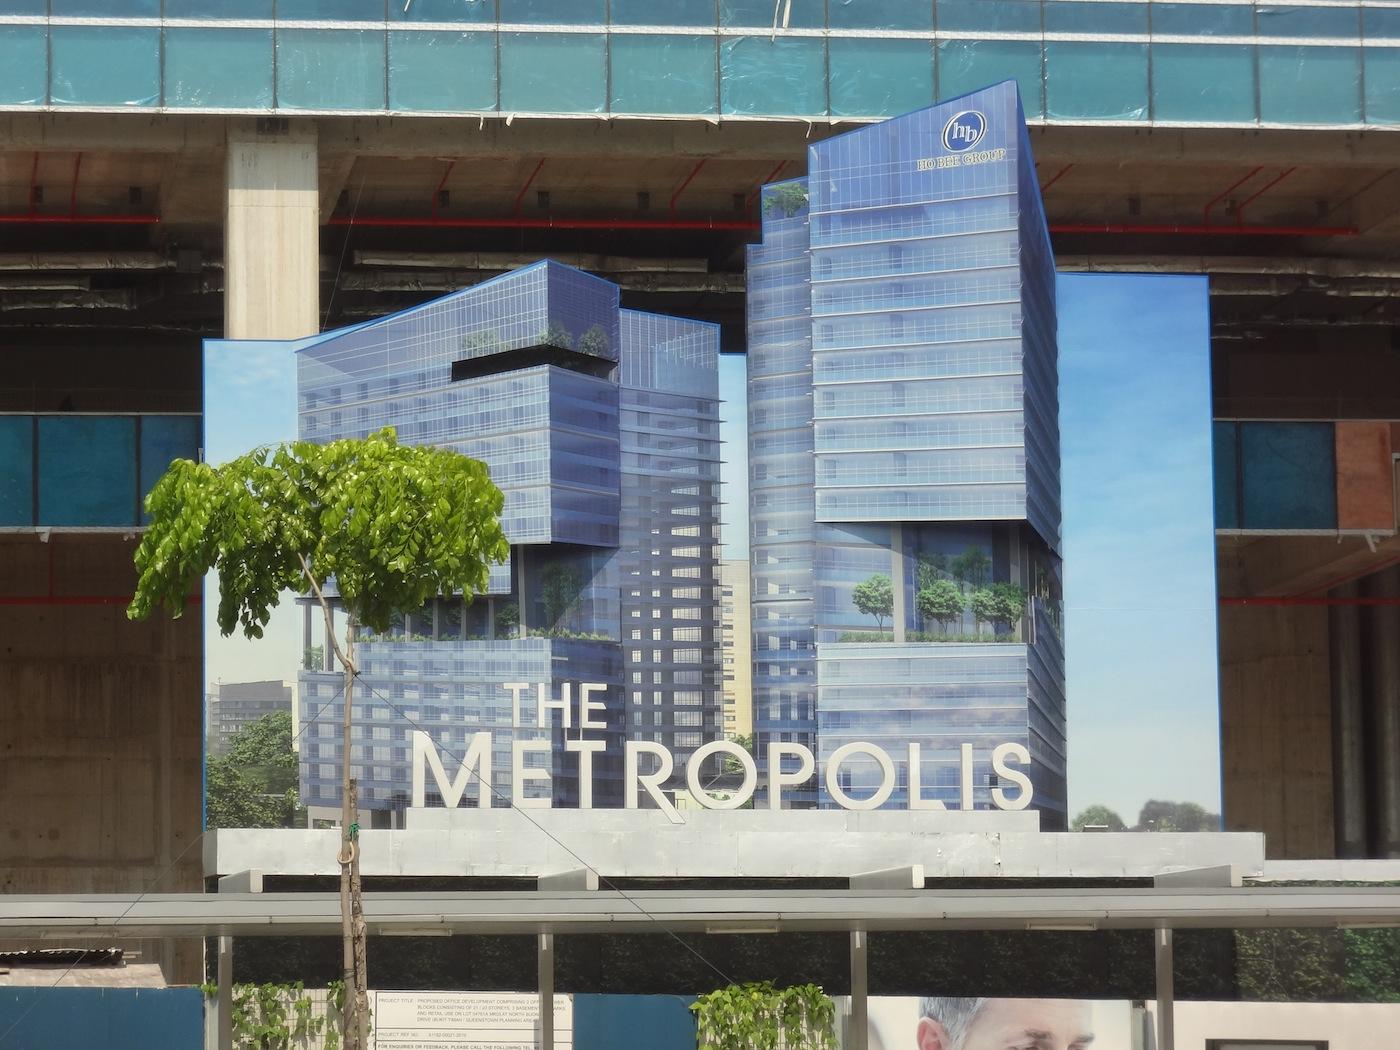 singapore town metropolis - photo #32